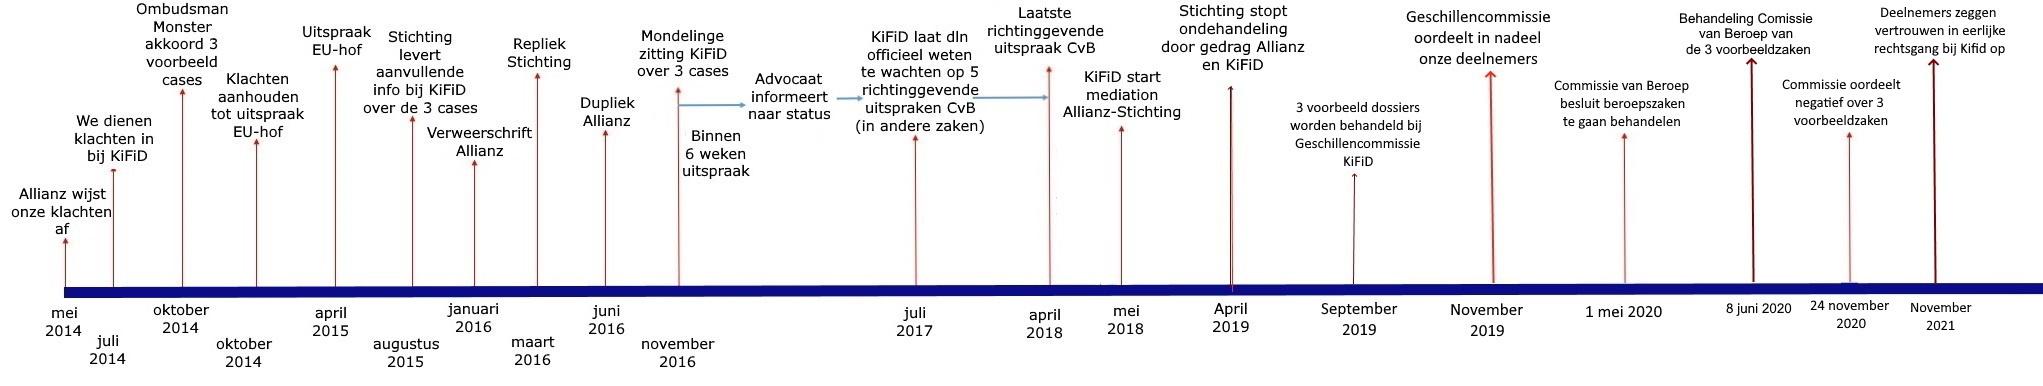 Tijdlijn van onze procedure bij het KiFiD